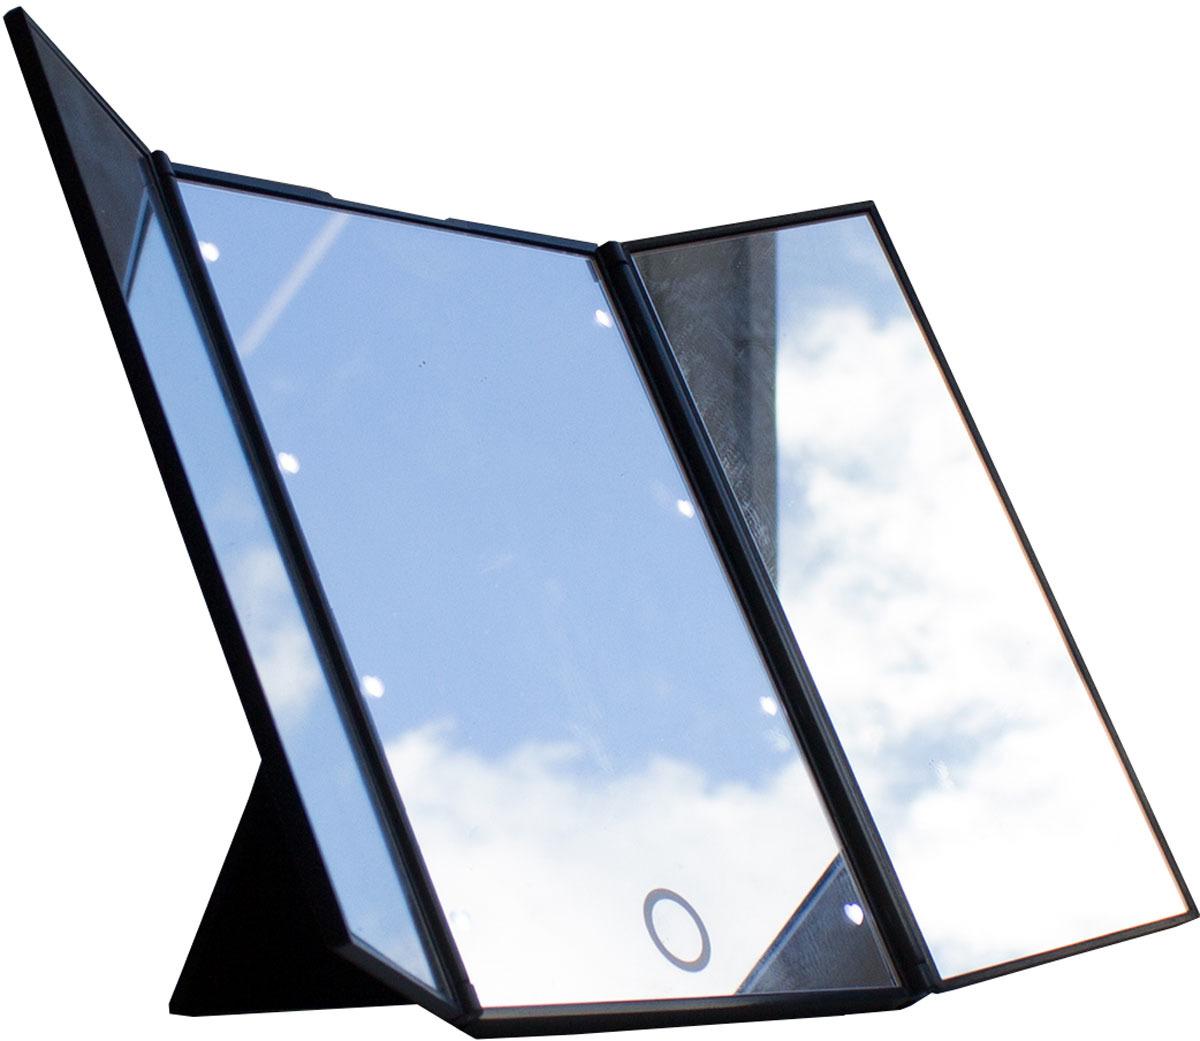 купить Зеркало косметическое Gess uLike Porto, складное трехстворчатое, с подсветкой, 8 LED ламп по цене 829 рублей